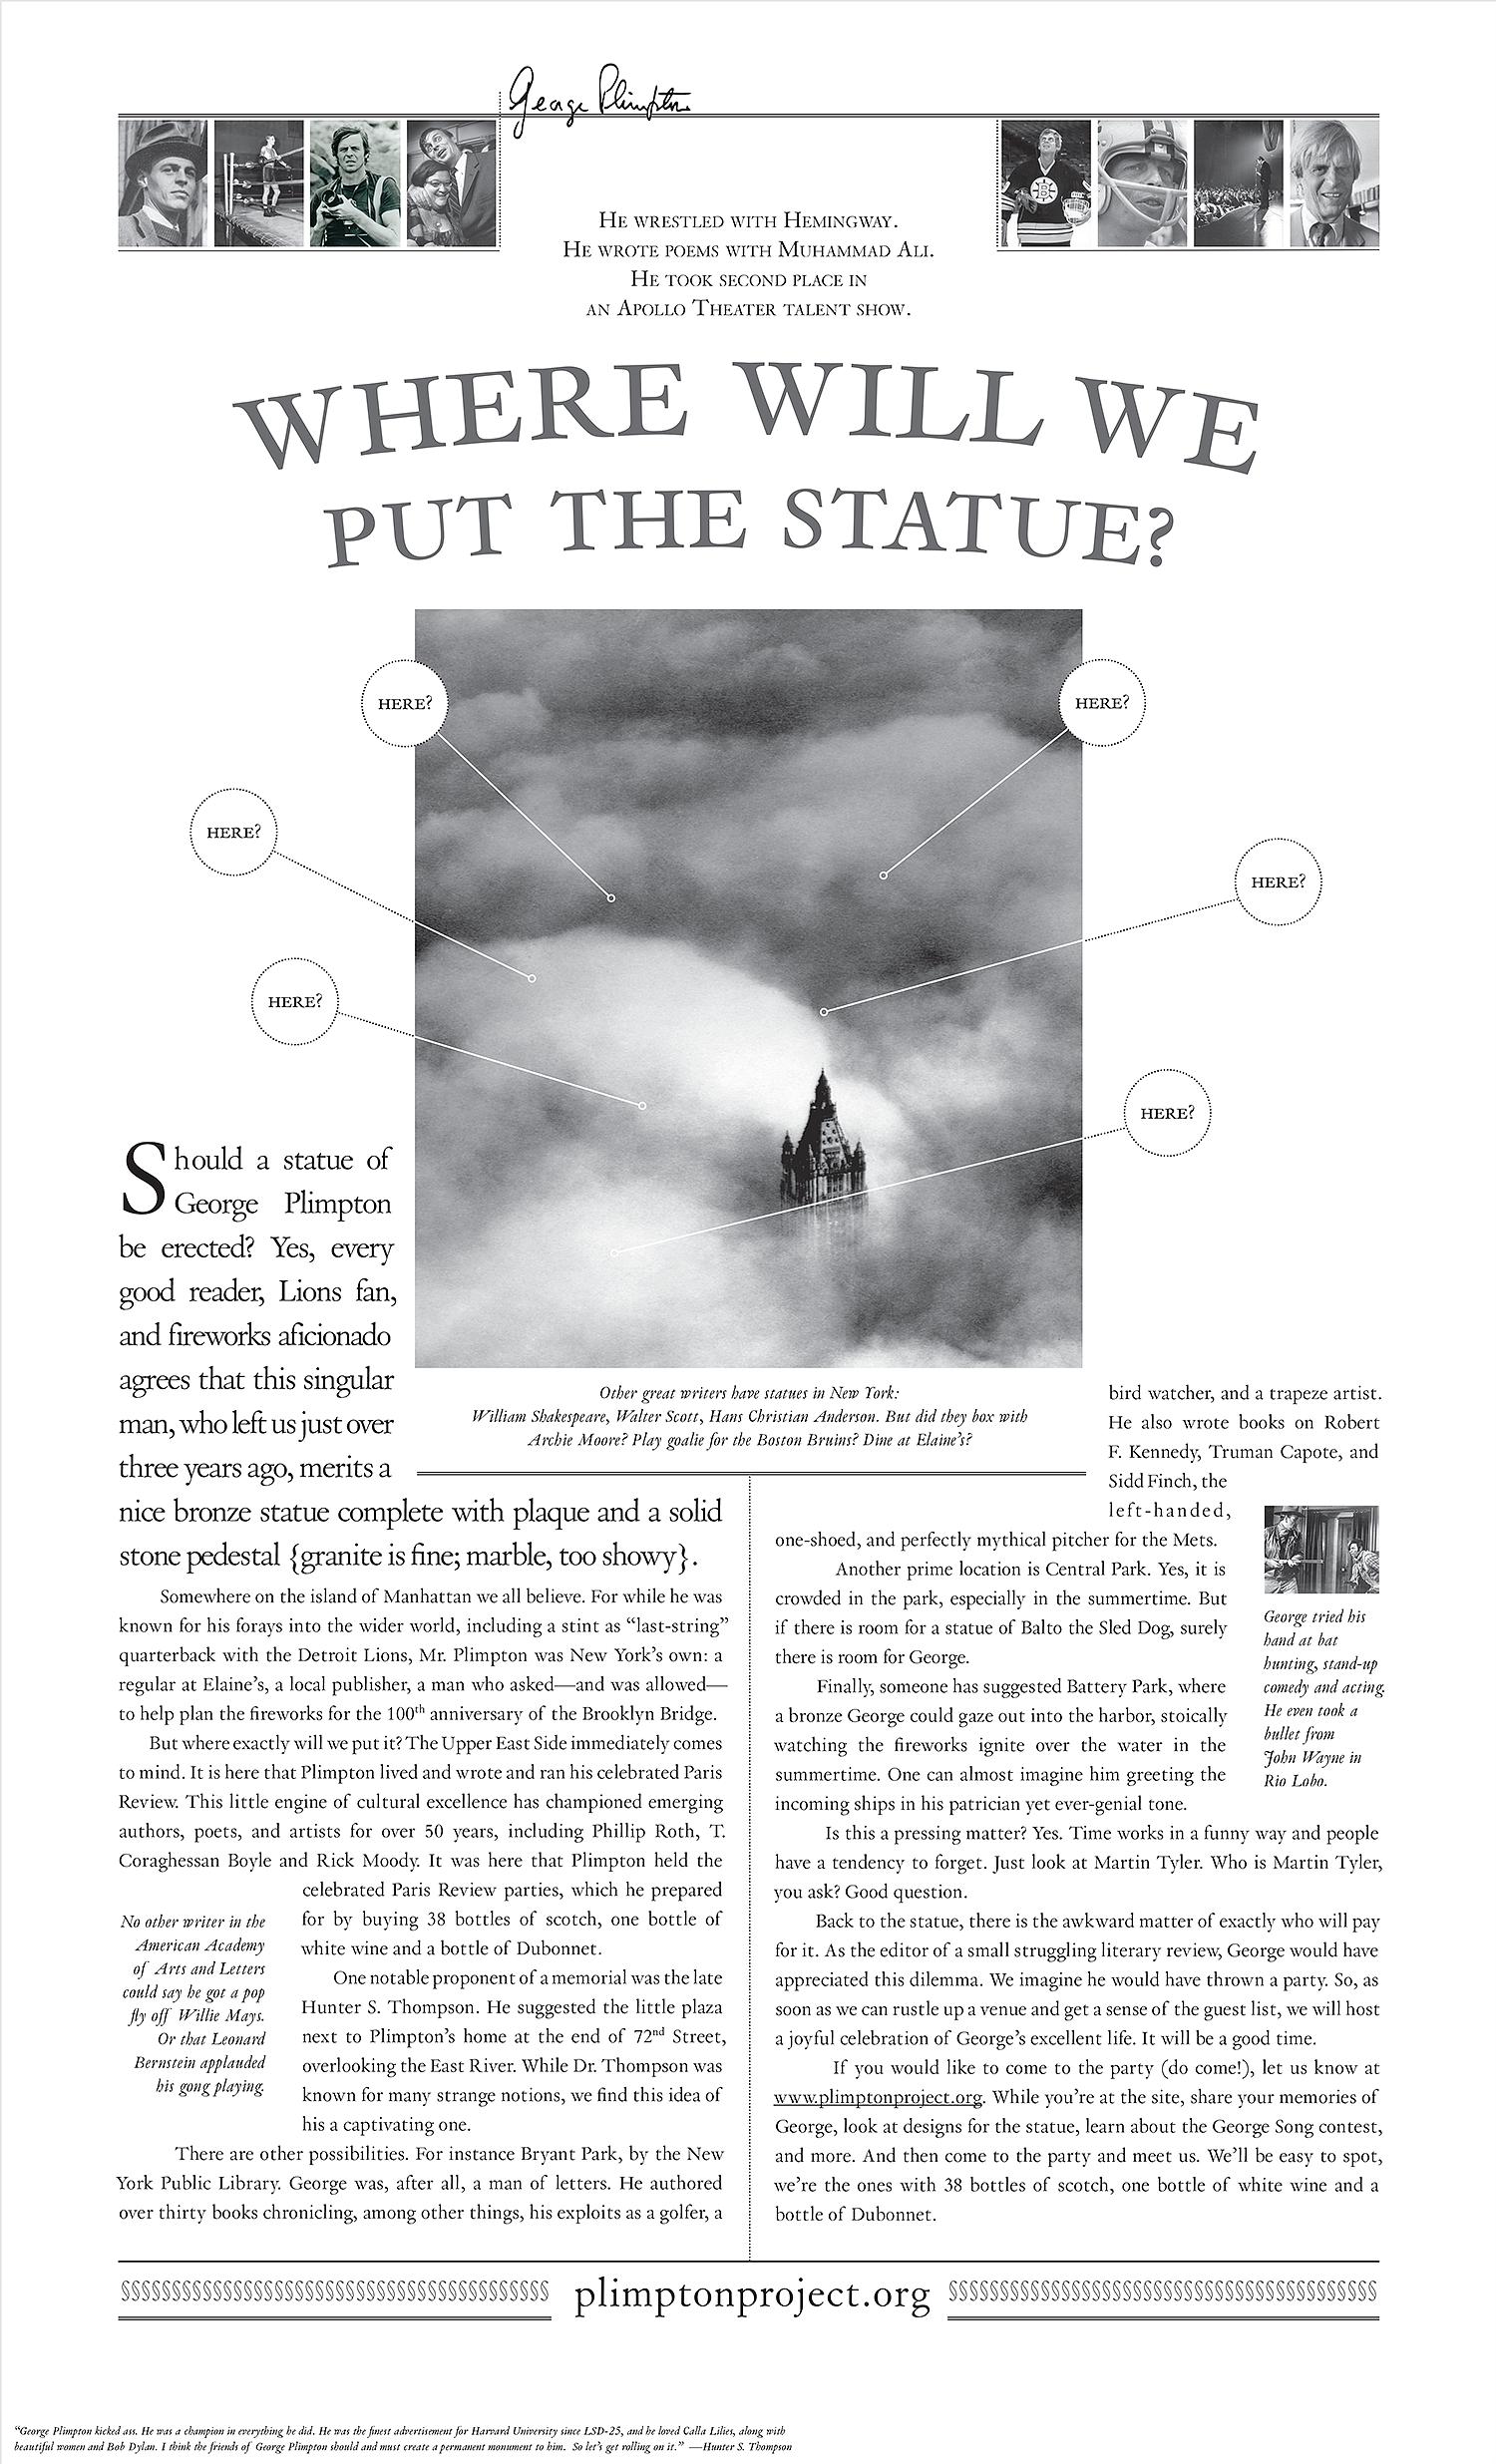 plimpton statue ad7#01 copy.png